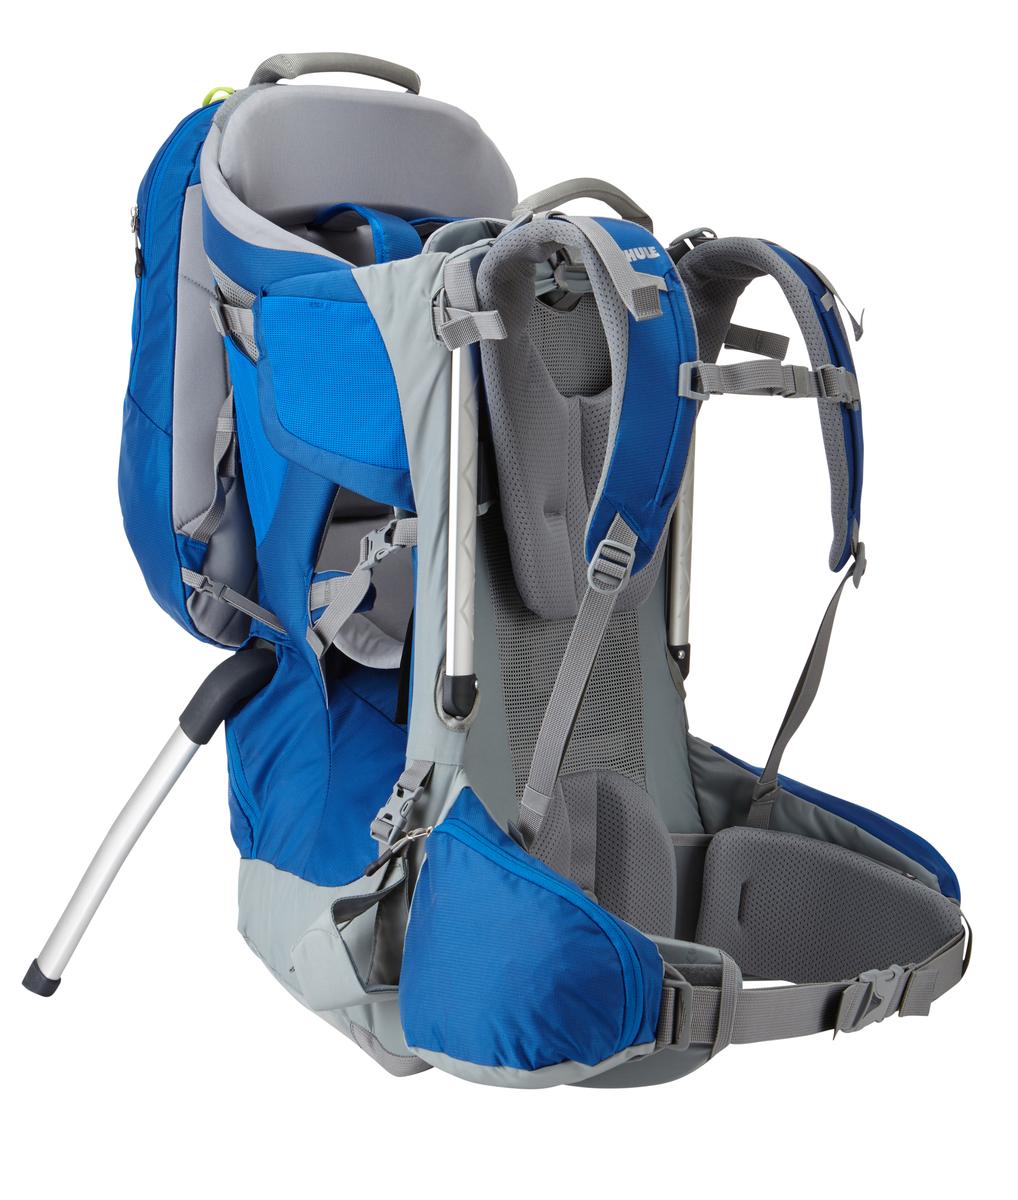 Рюкзак для переноски детей Thule Sapling Elite Child Carrier, цвет: голубой, 32л установочный комплект для багажника thule 1408